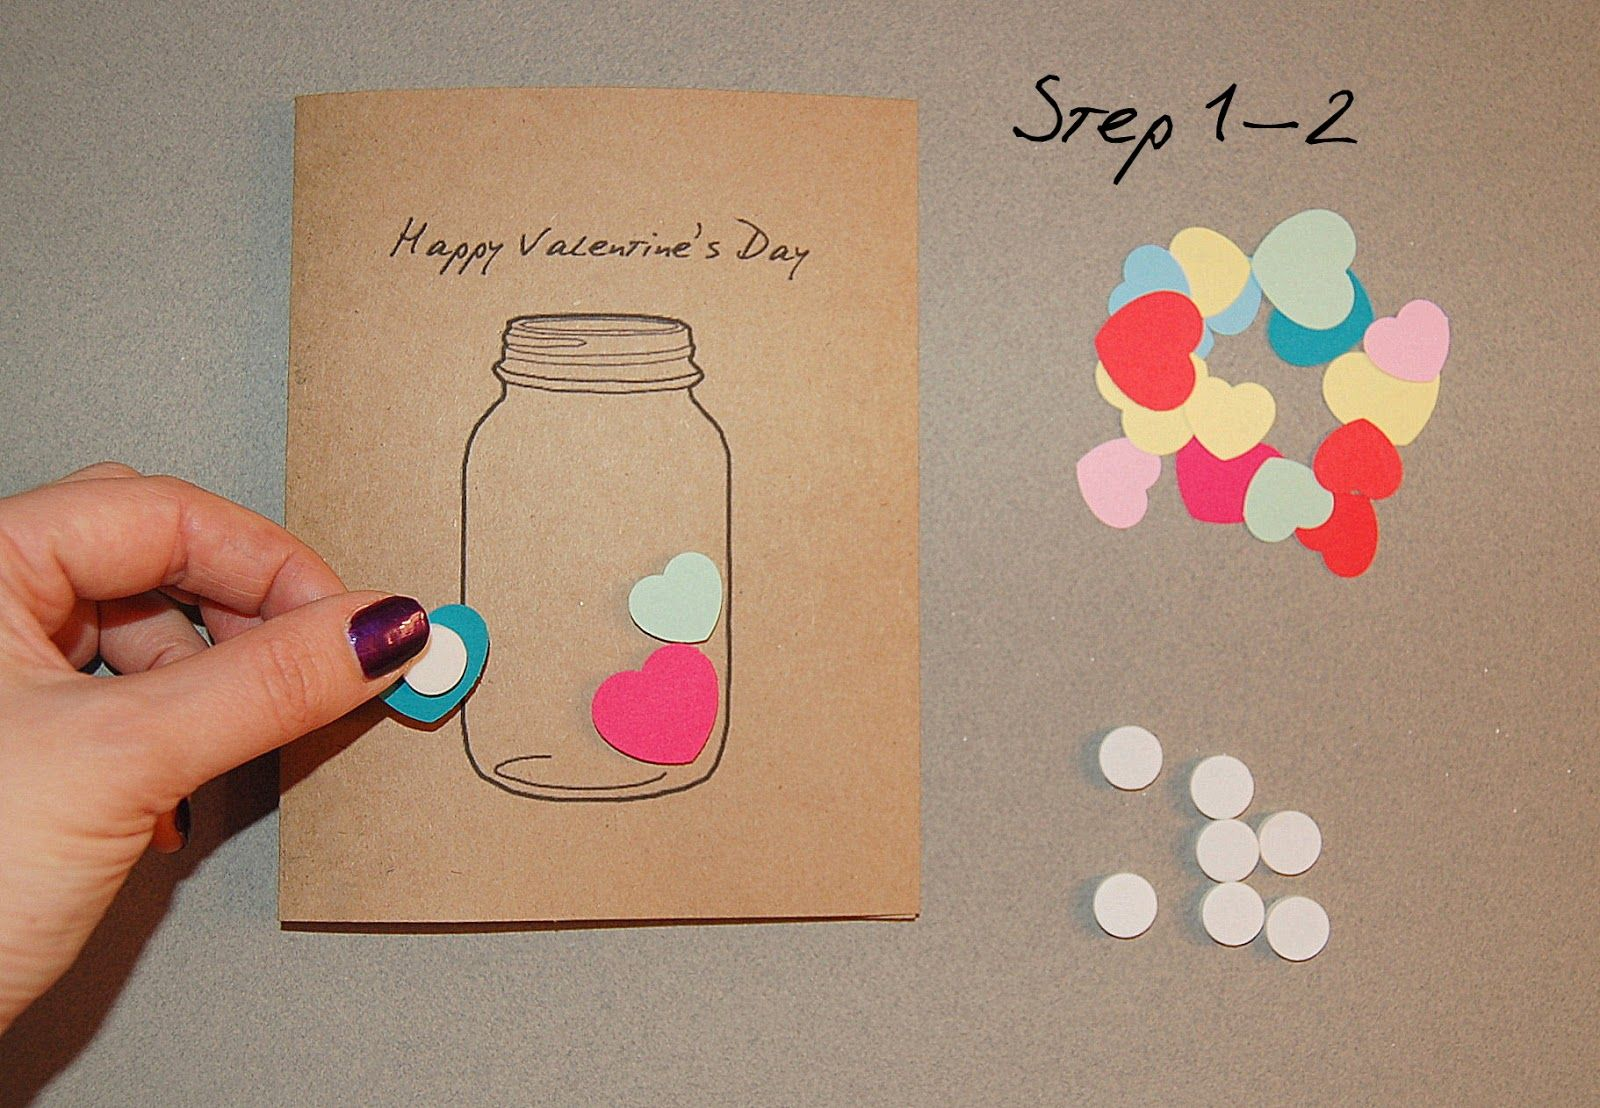 Красивые открытки на день рождение своими руками, лошадки картинки парфюмом